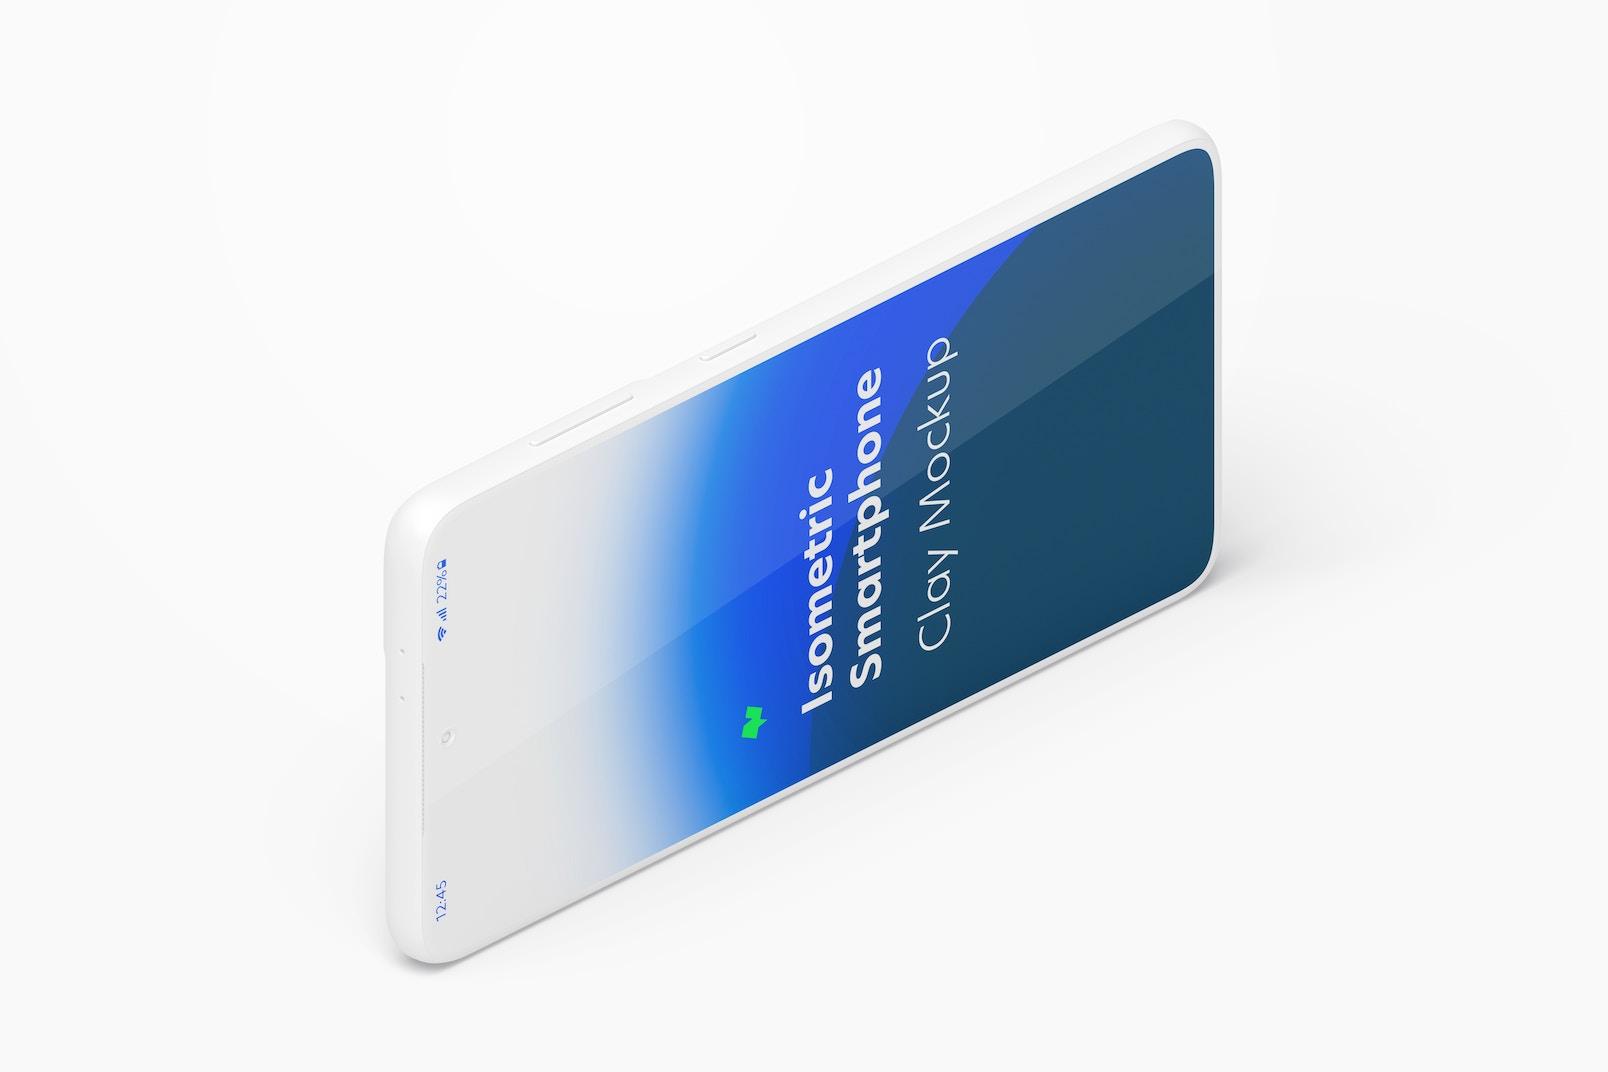 Maqueta de Samsung S21 Isométrico Multicolor, Vista Izquierda Horizontal